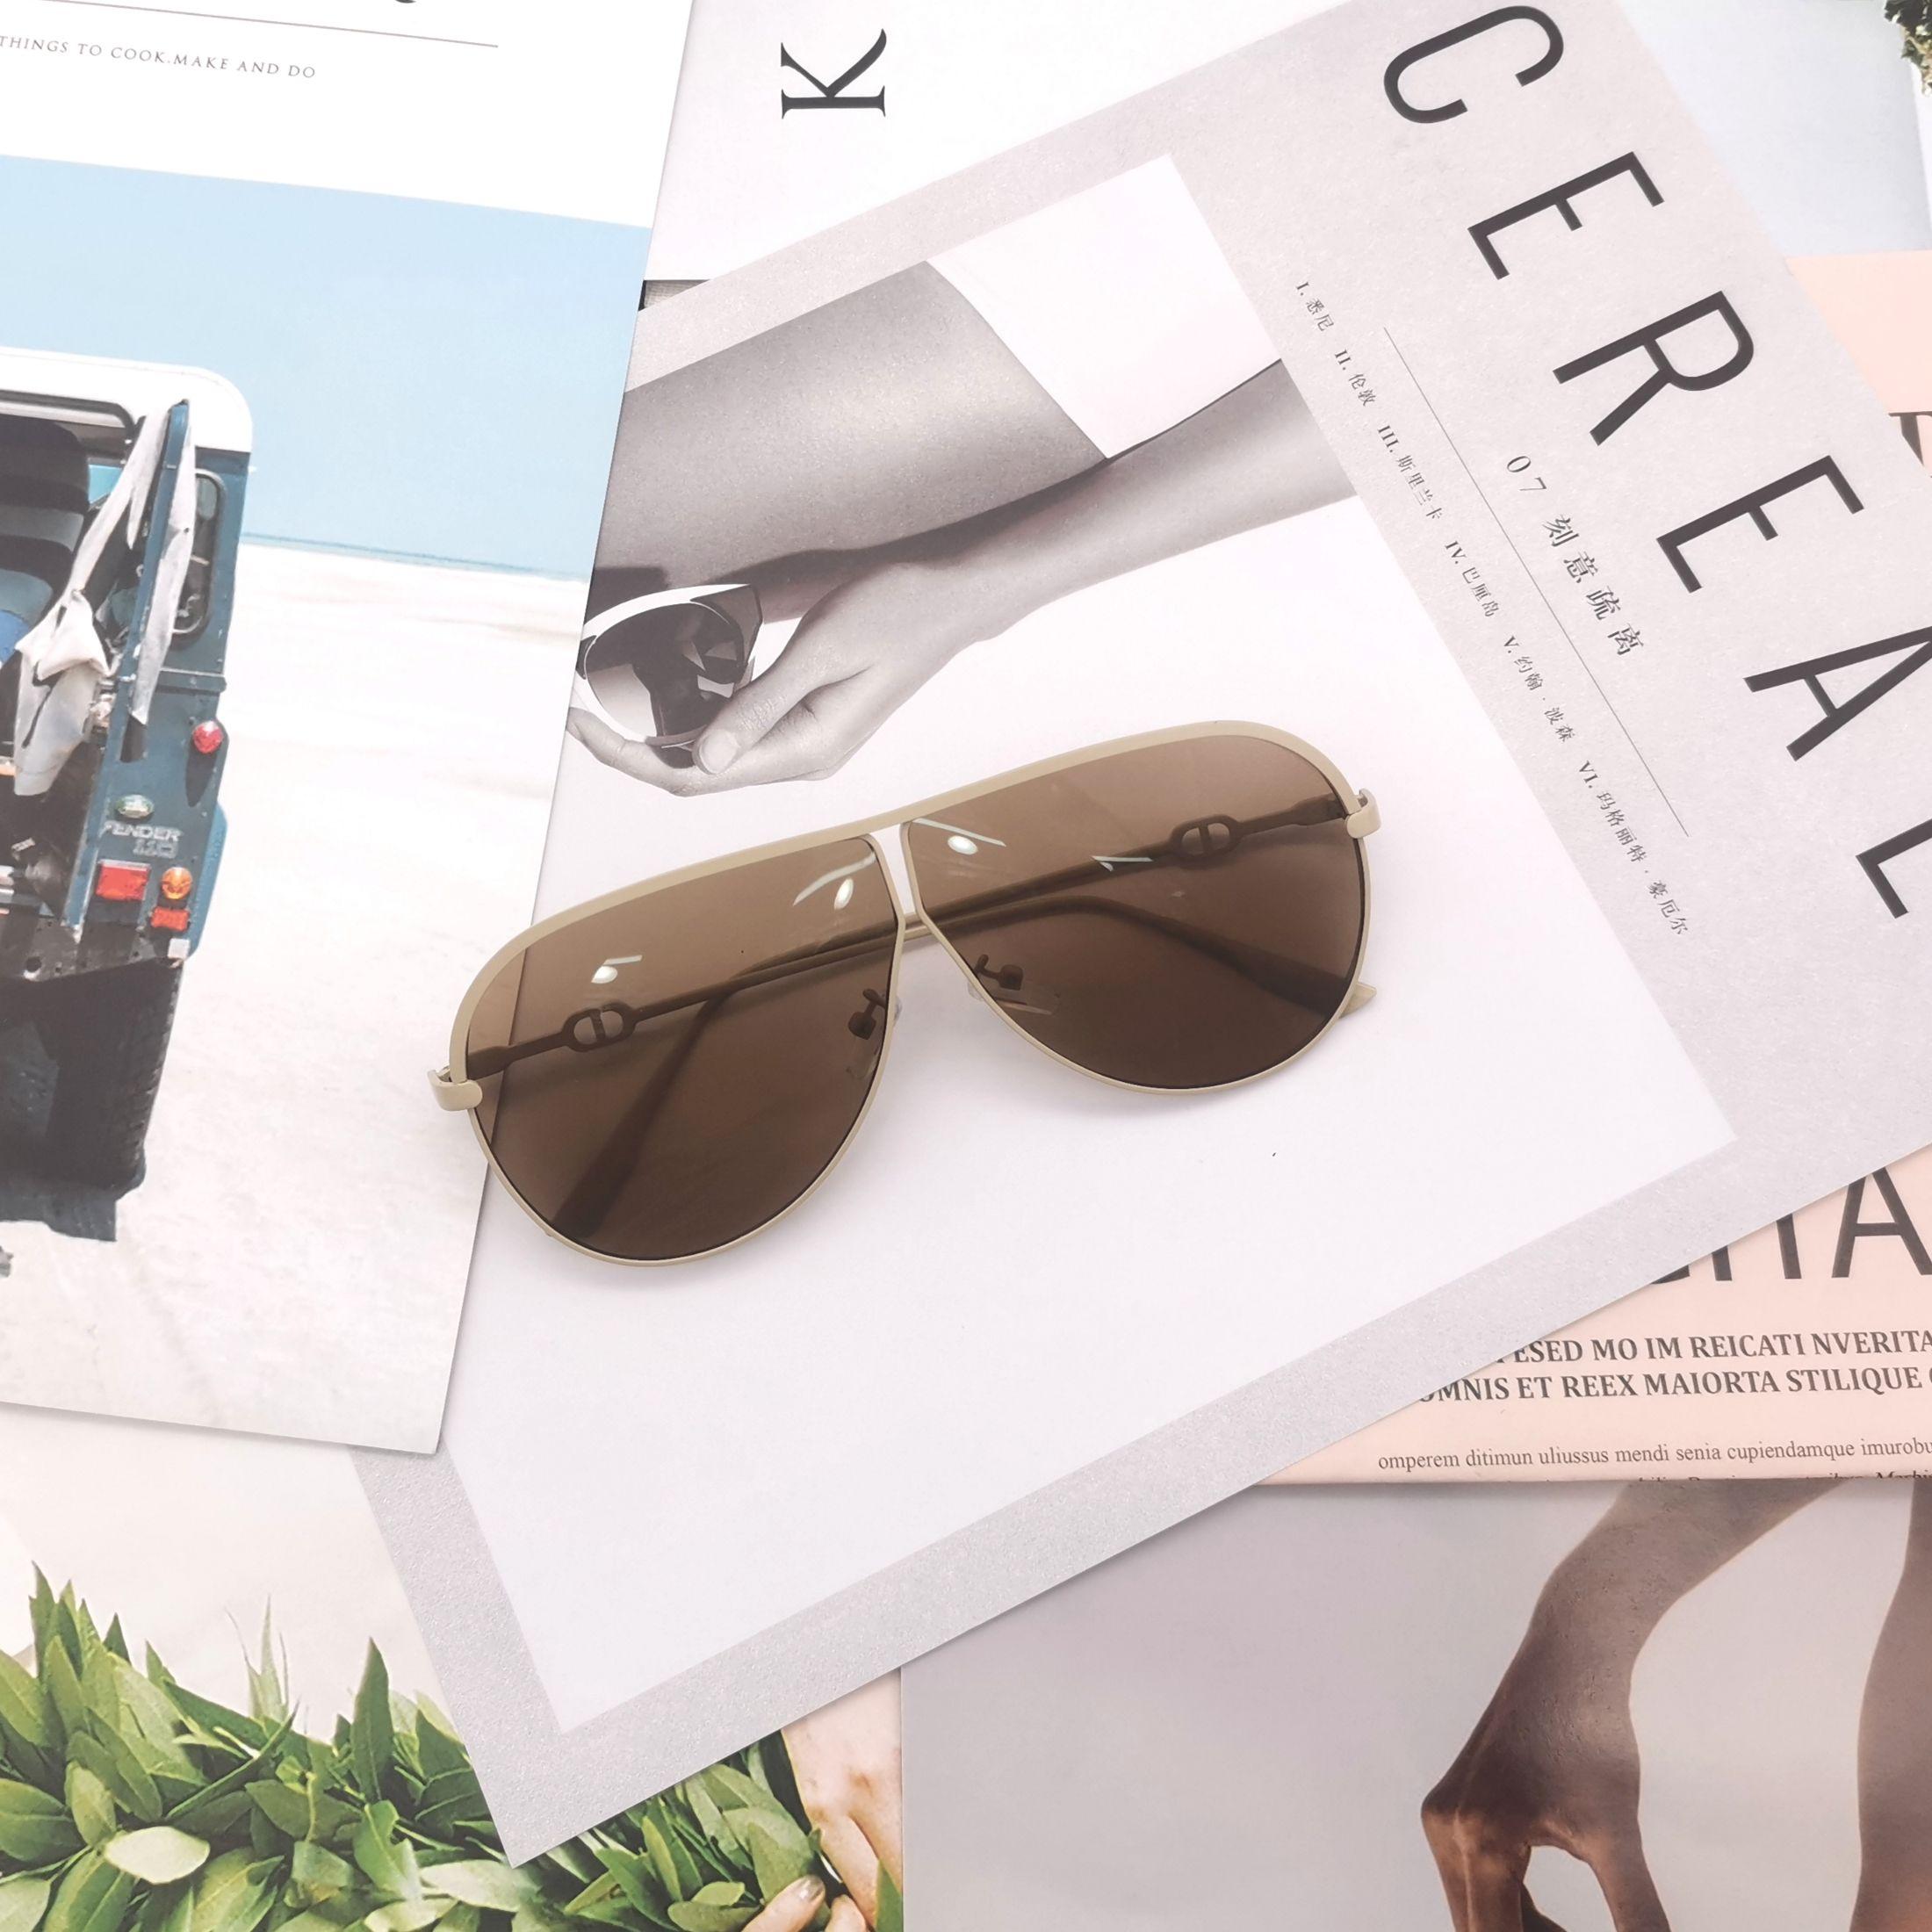 现货韩版时尚潮流塑料边框太阳镜墨镜防紫外线百搭地摊爆款批发